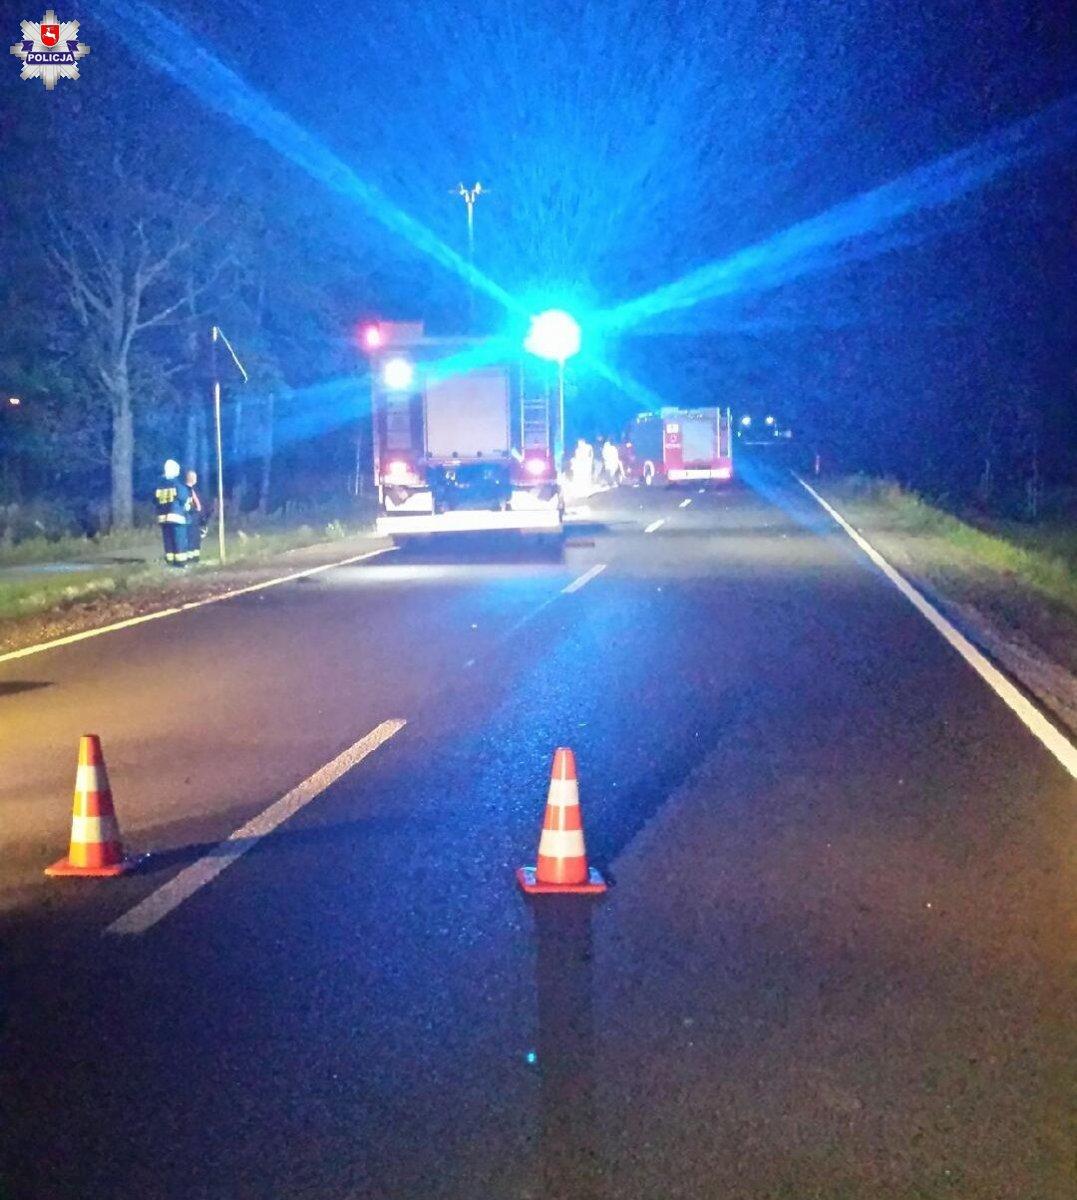 Tragedia! Motocyklista wjechał w łosia! Nie żyje kierowca, jego córka w ciężkim stanie trafiła do szpitala